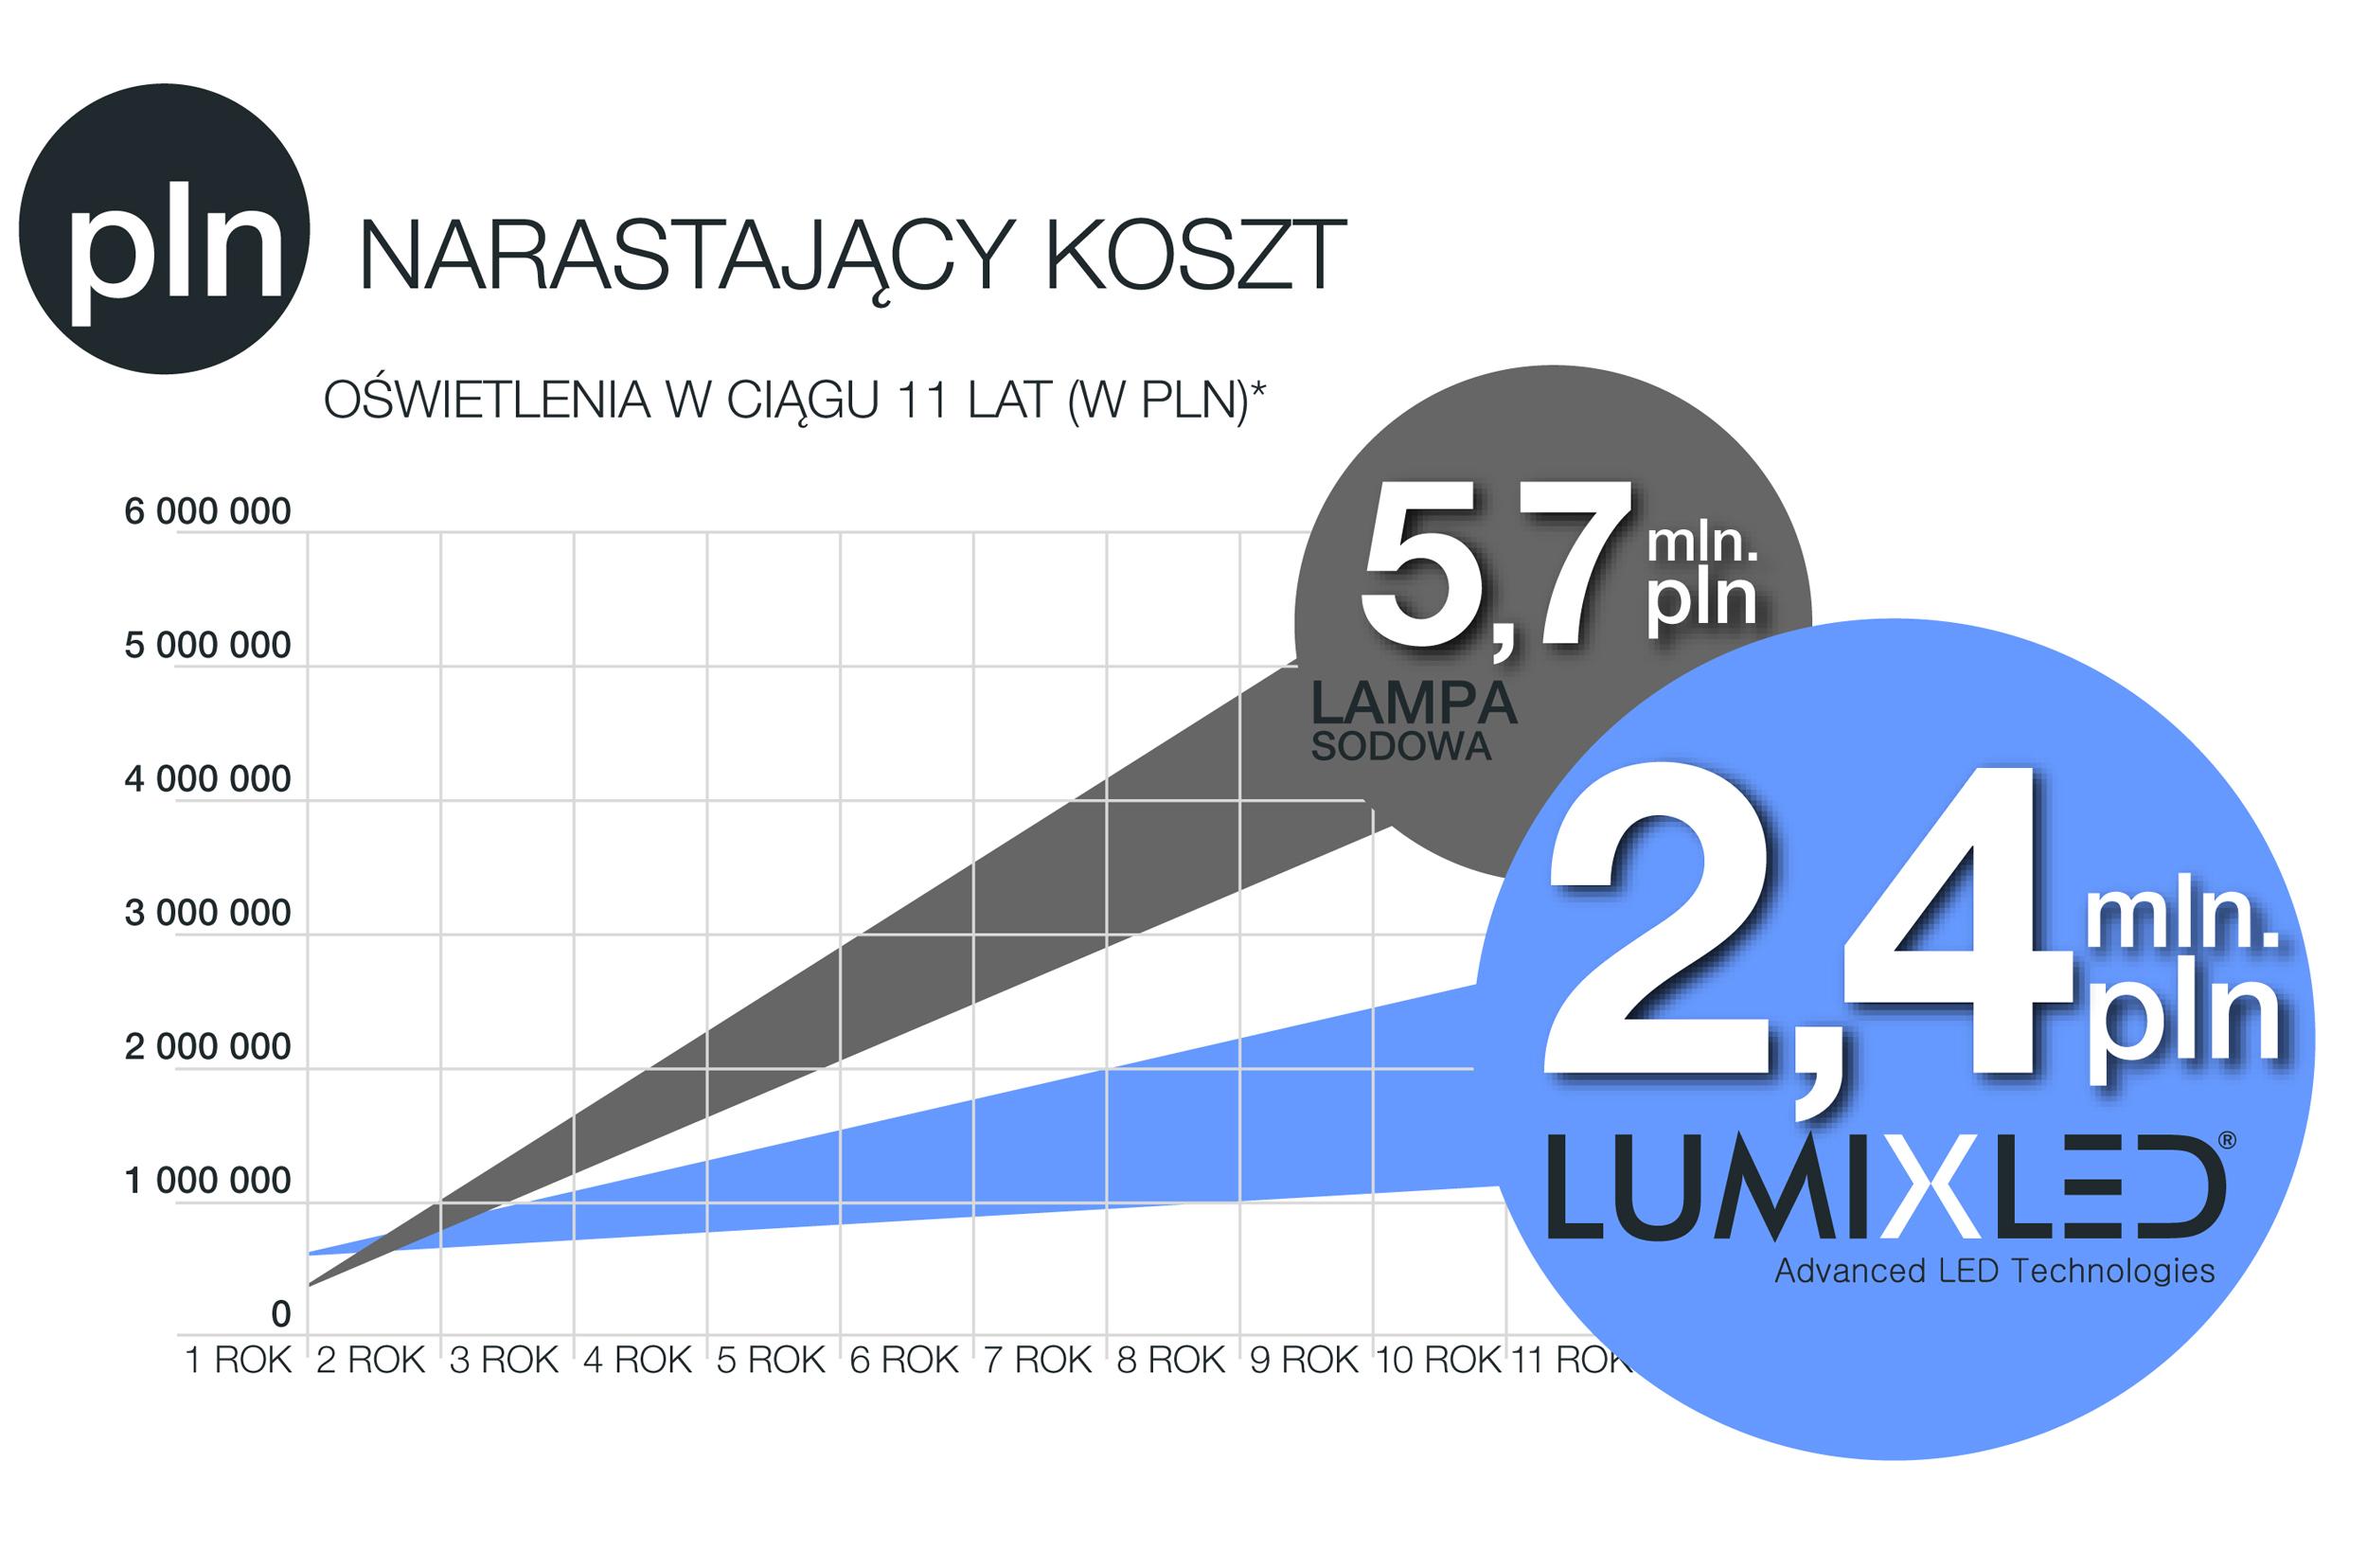 Lumix Led Sp. z o.o. Sp. K.